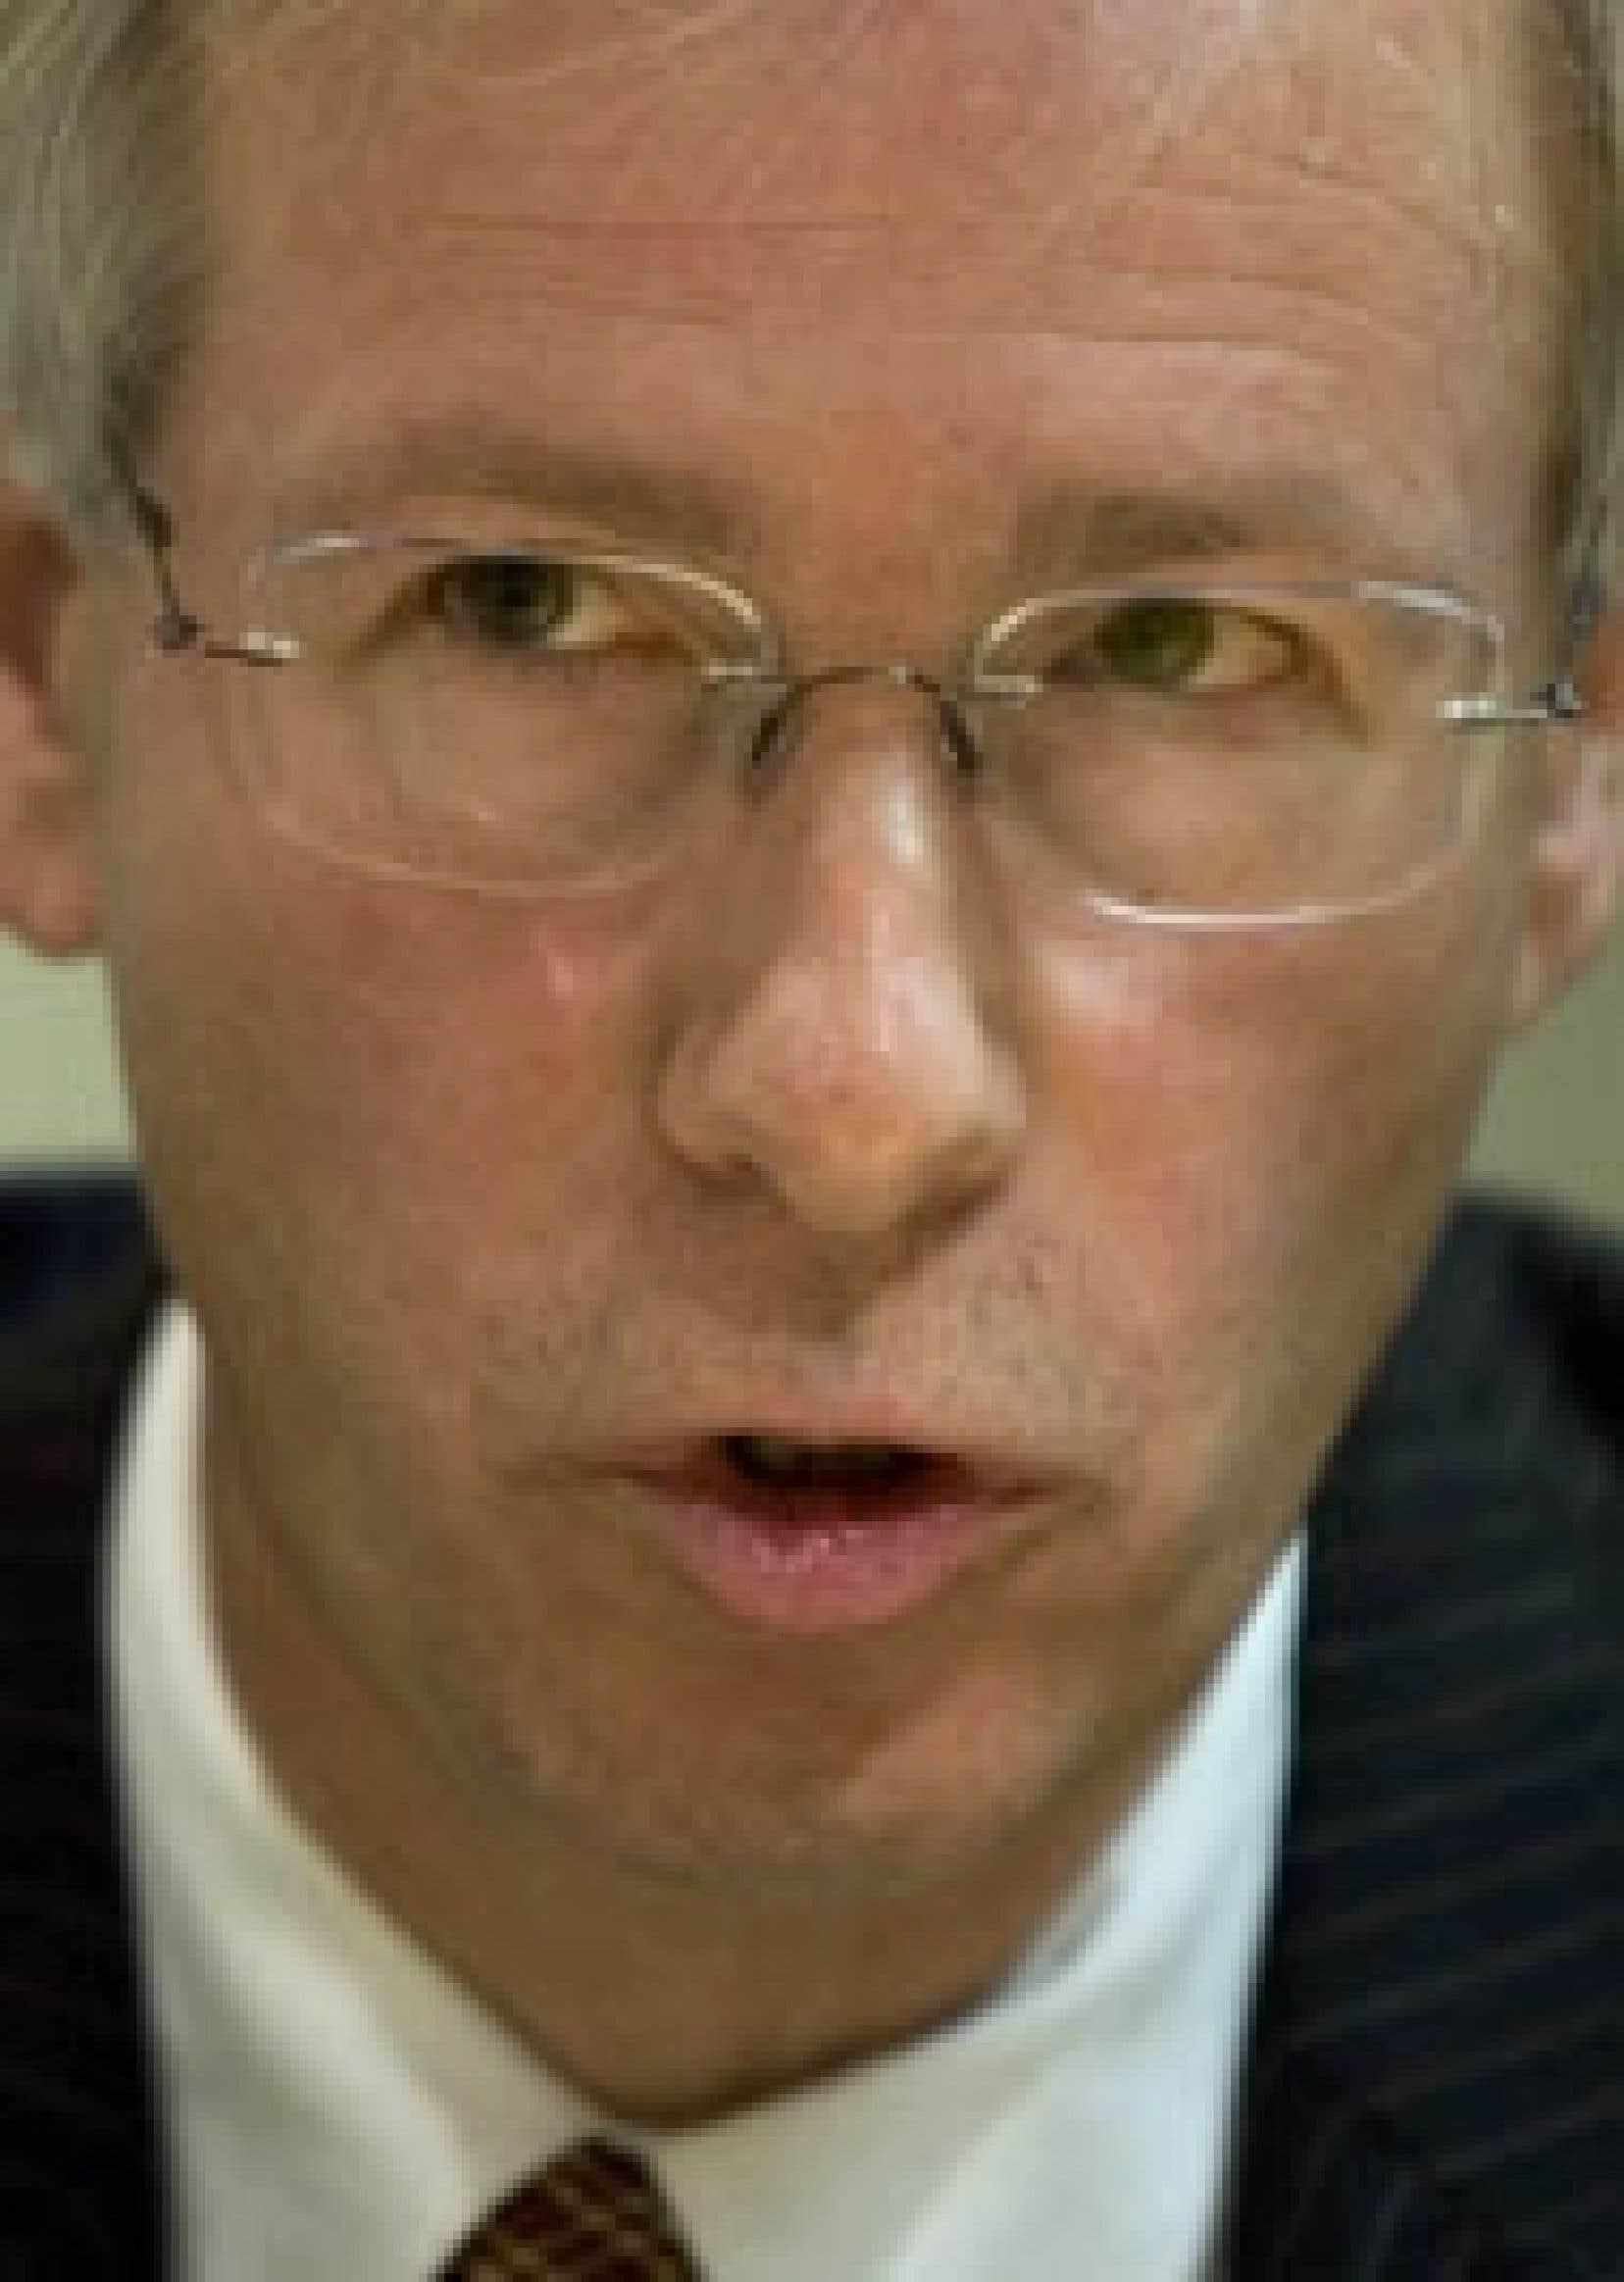 Au cours d'un entretien qu'il a accordé au Devoir hier, Stéphane Dion a dit estimer qu'il ferait un chef et un premier ministre plus réaliste et plus prudent que Michael Ignatieff.